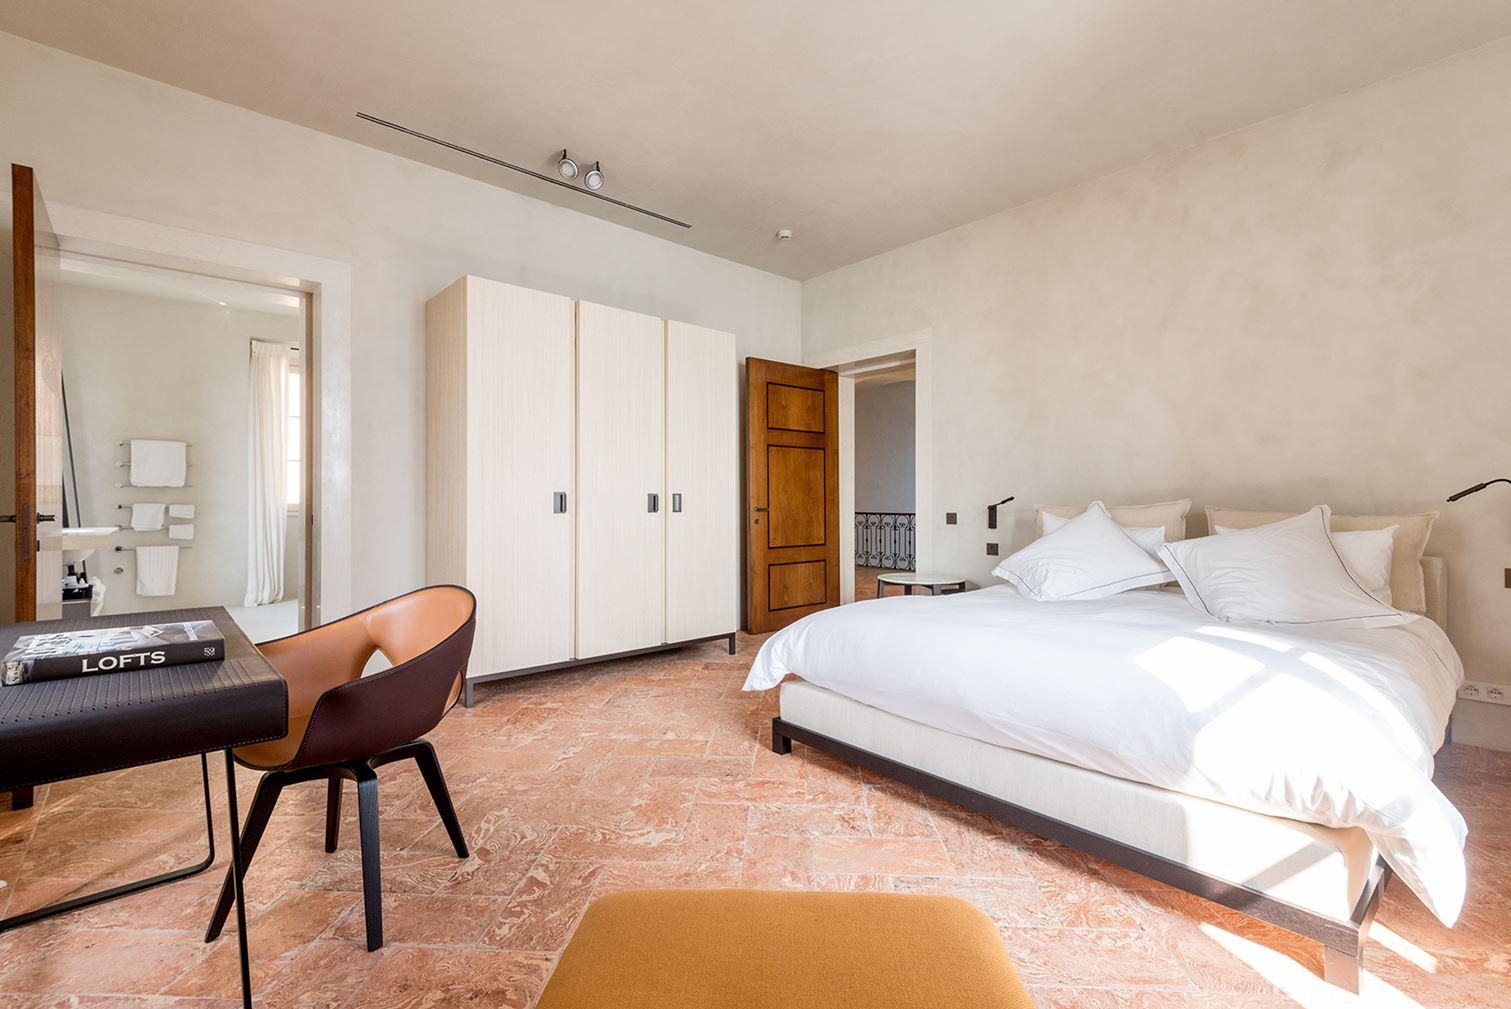 Camera da letto - Camera da letto lago ...